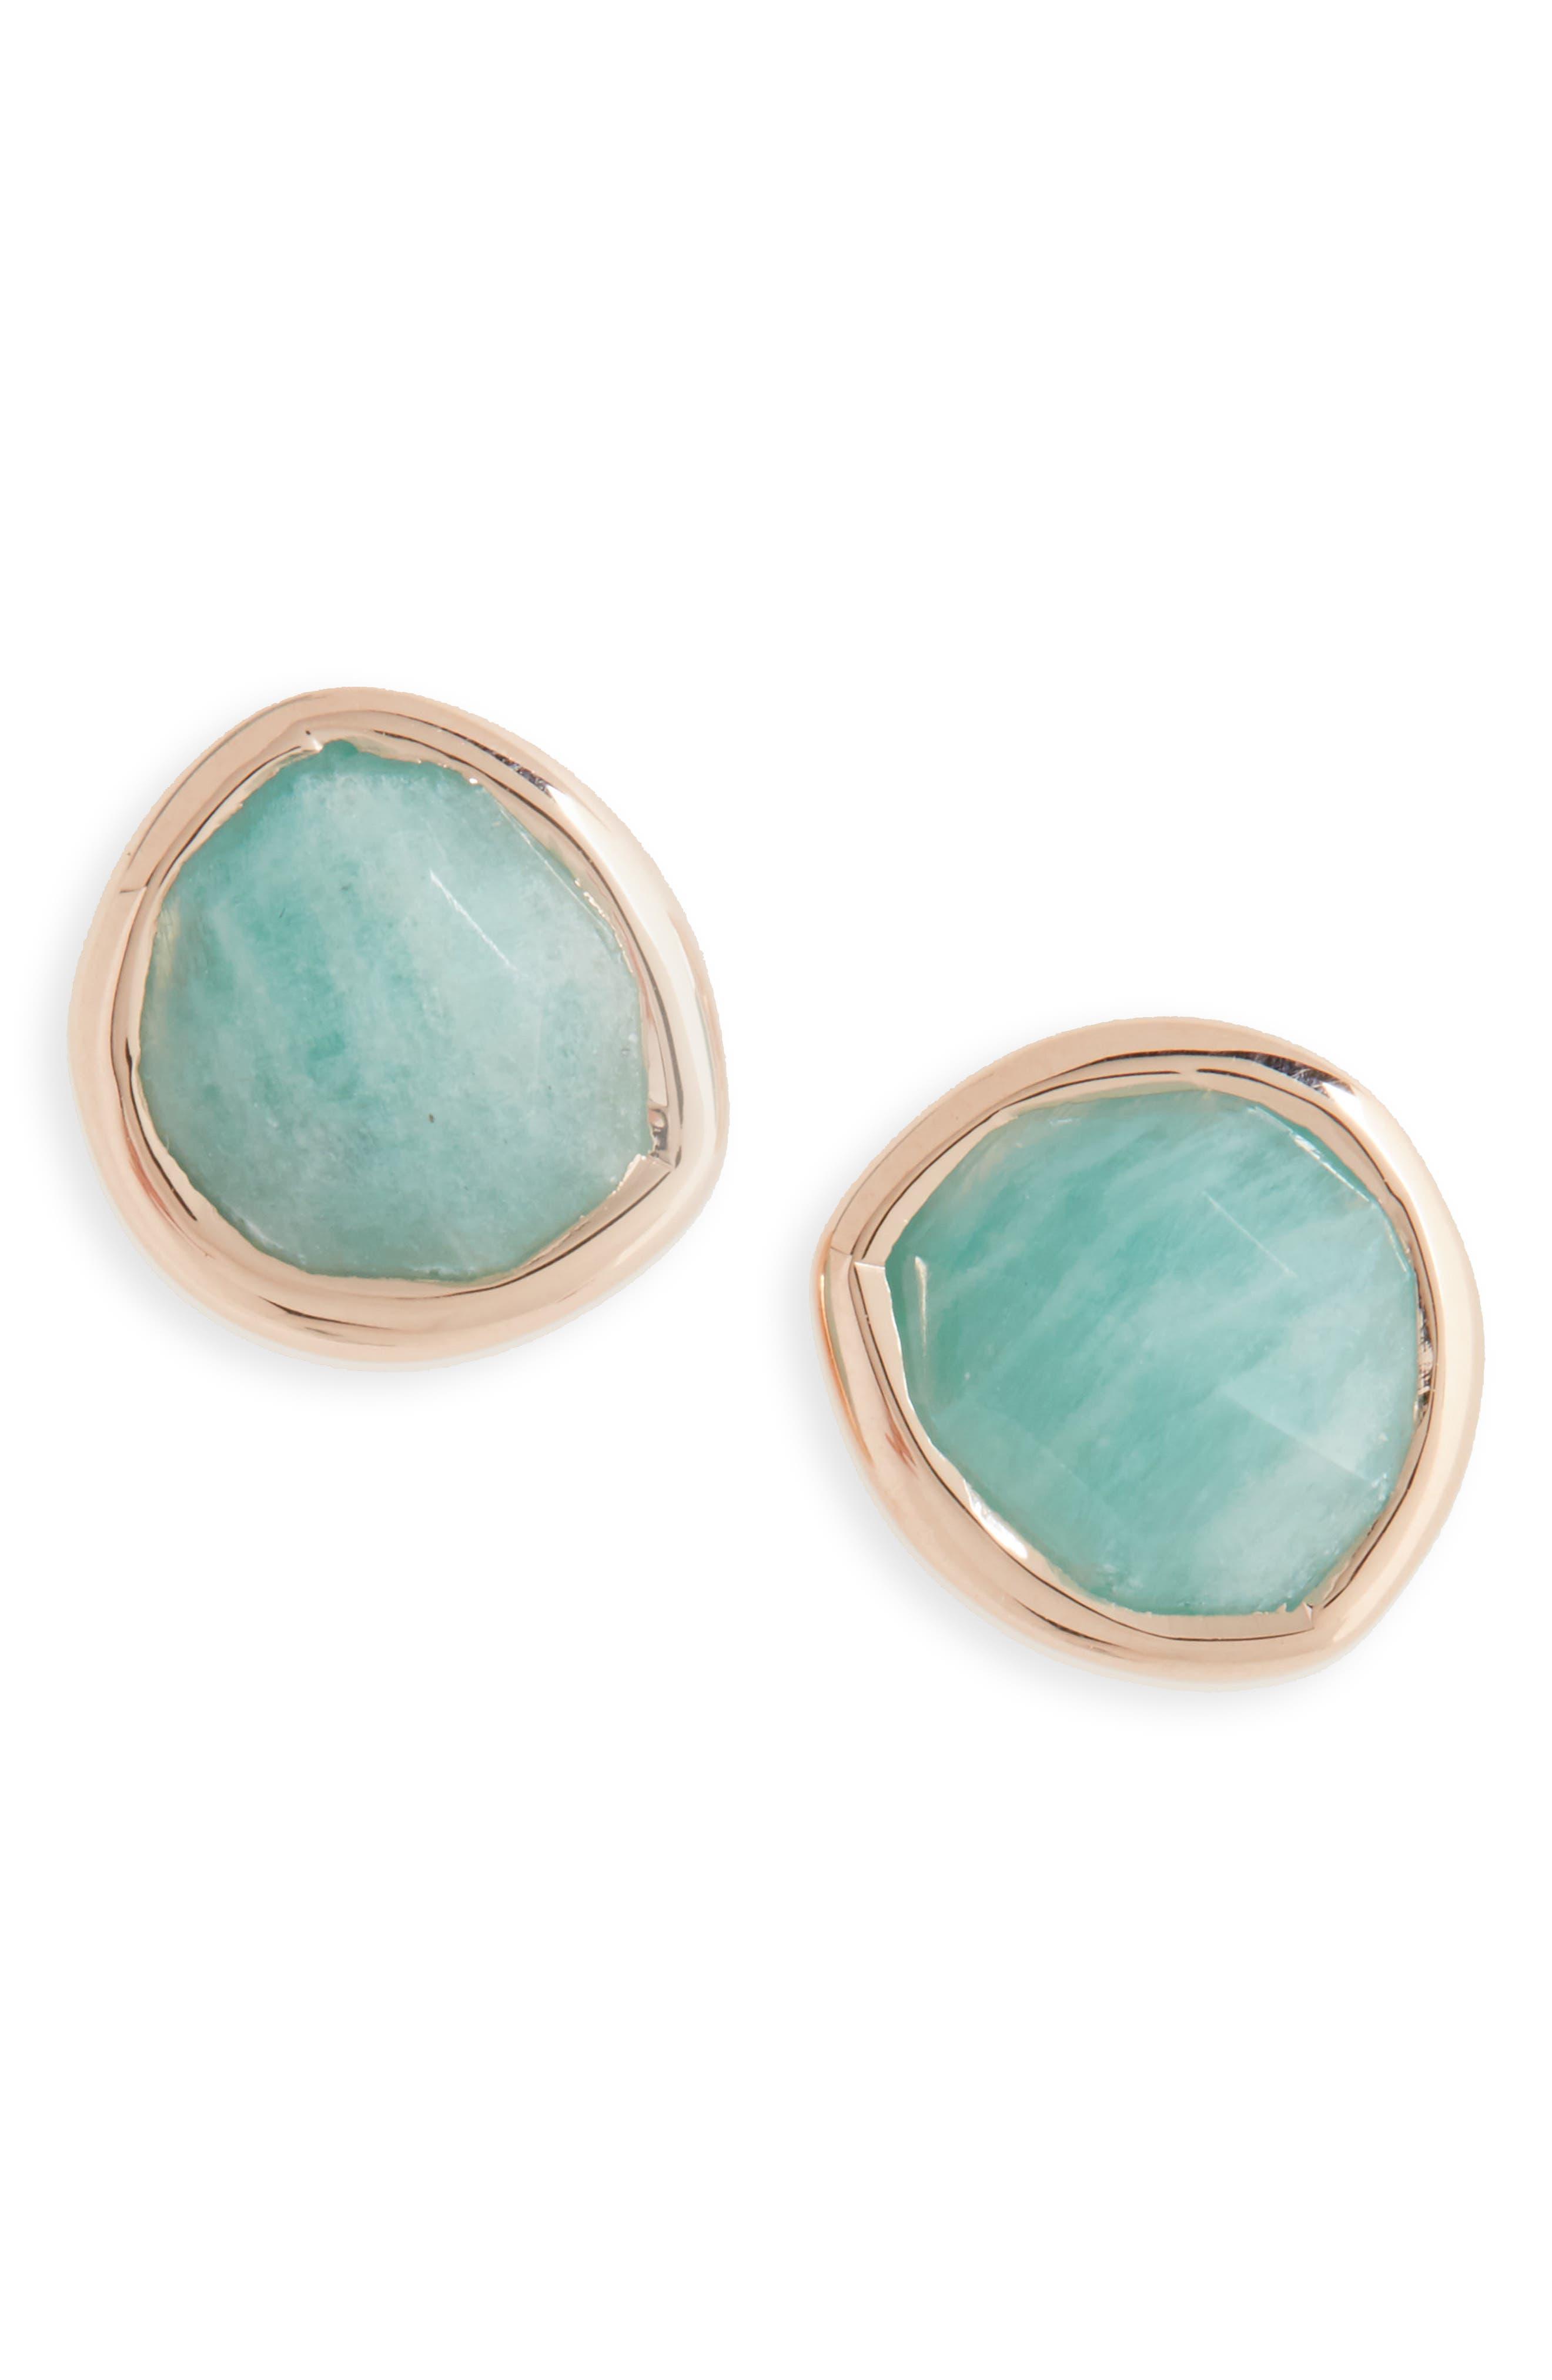 Alternate Image 1 Selected - Monica Vinader 'Siren' Semiprecious Stone Stud Earrings (Nordstrom Exclusive)